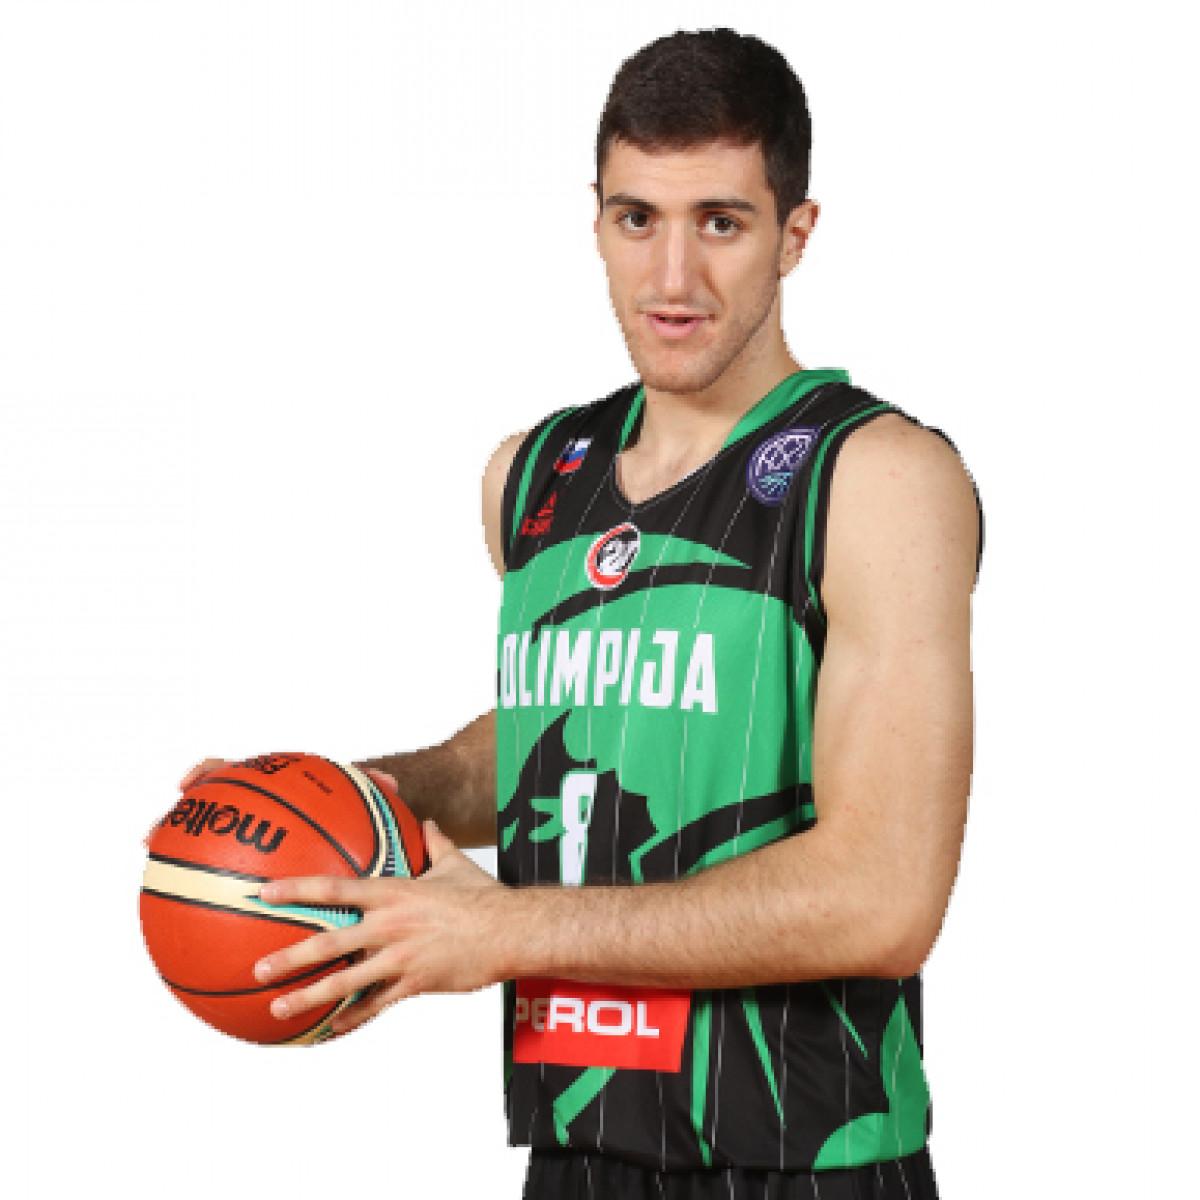 Photo of Aleksandar Lazic, 2018-2019 season